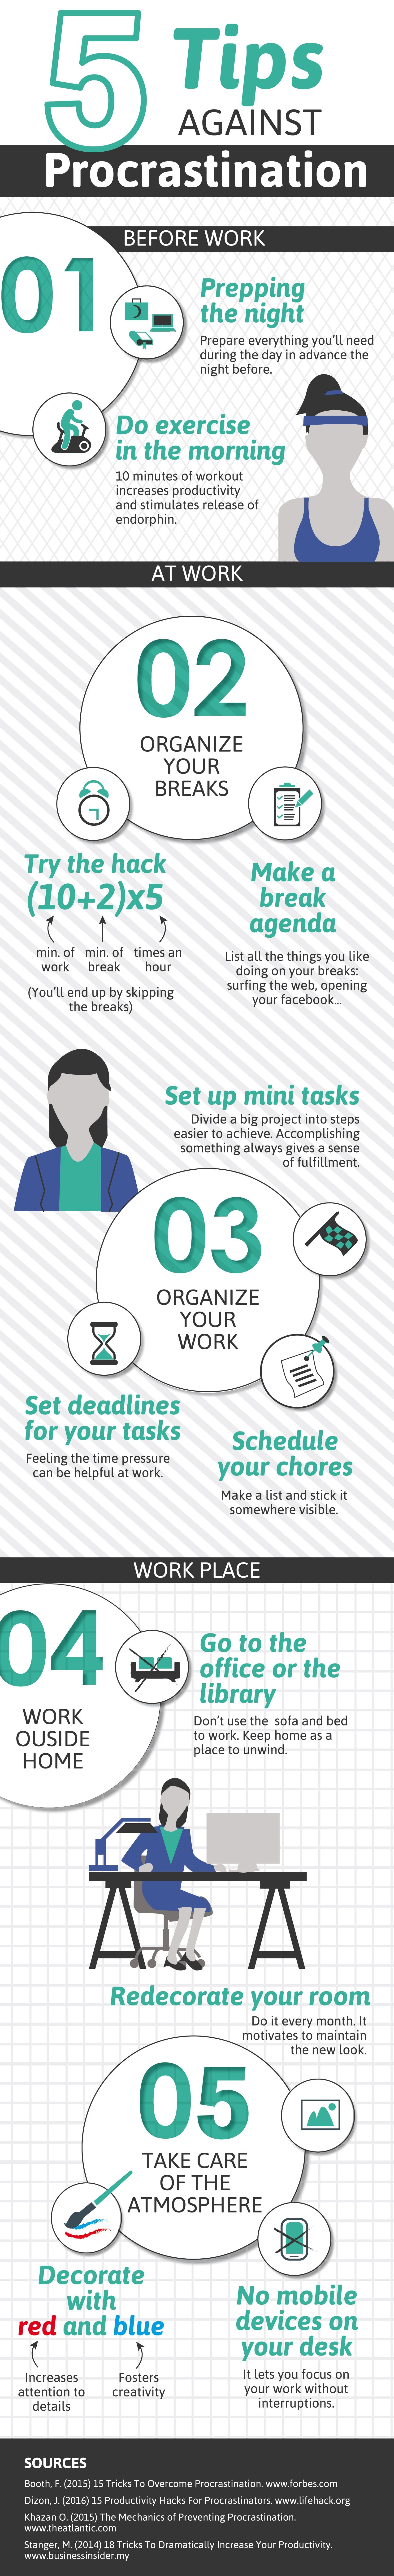 Tips Against Procrastination [Infographic]